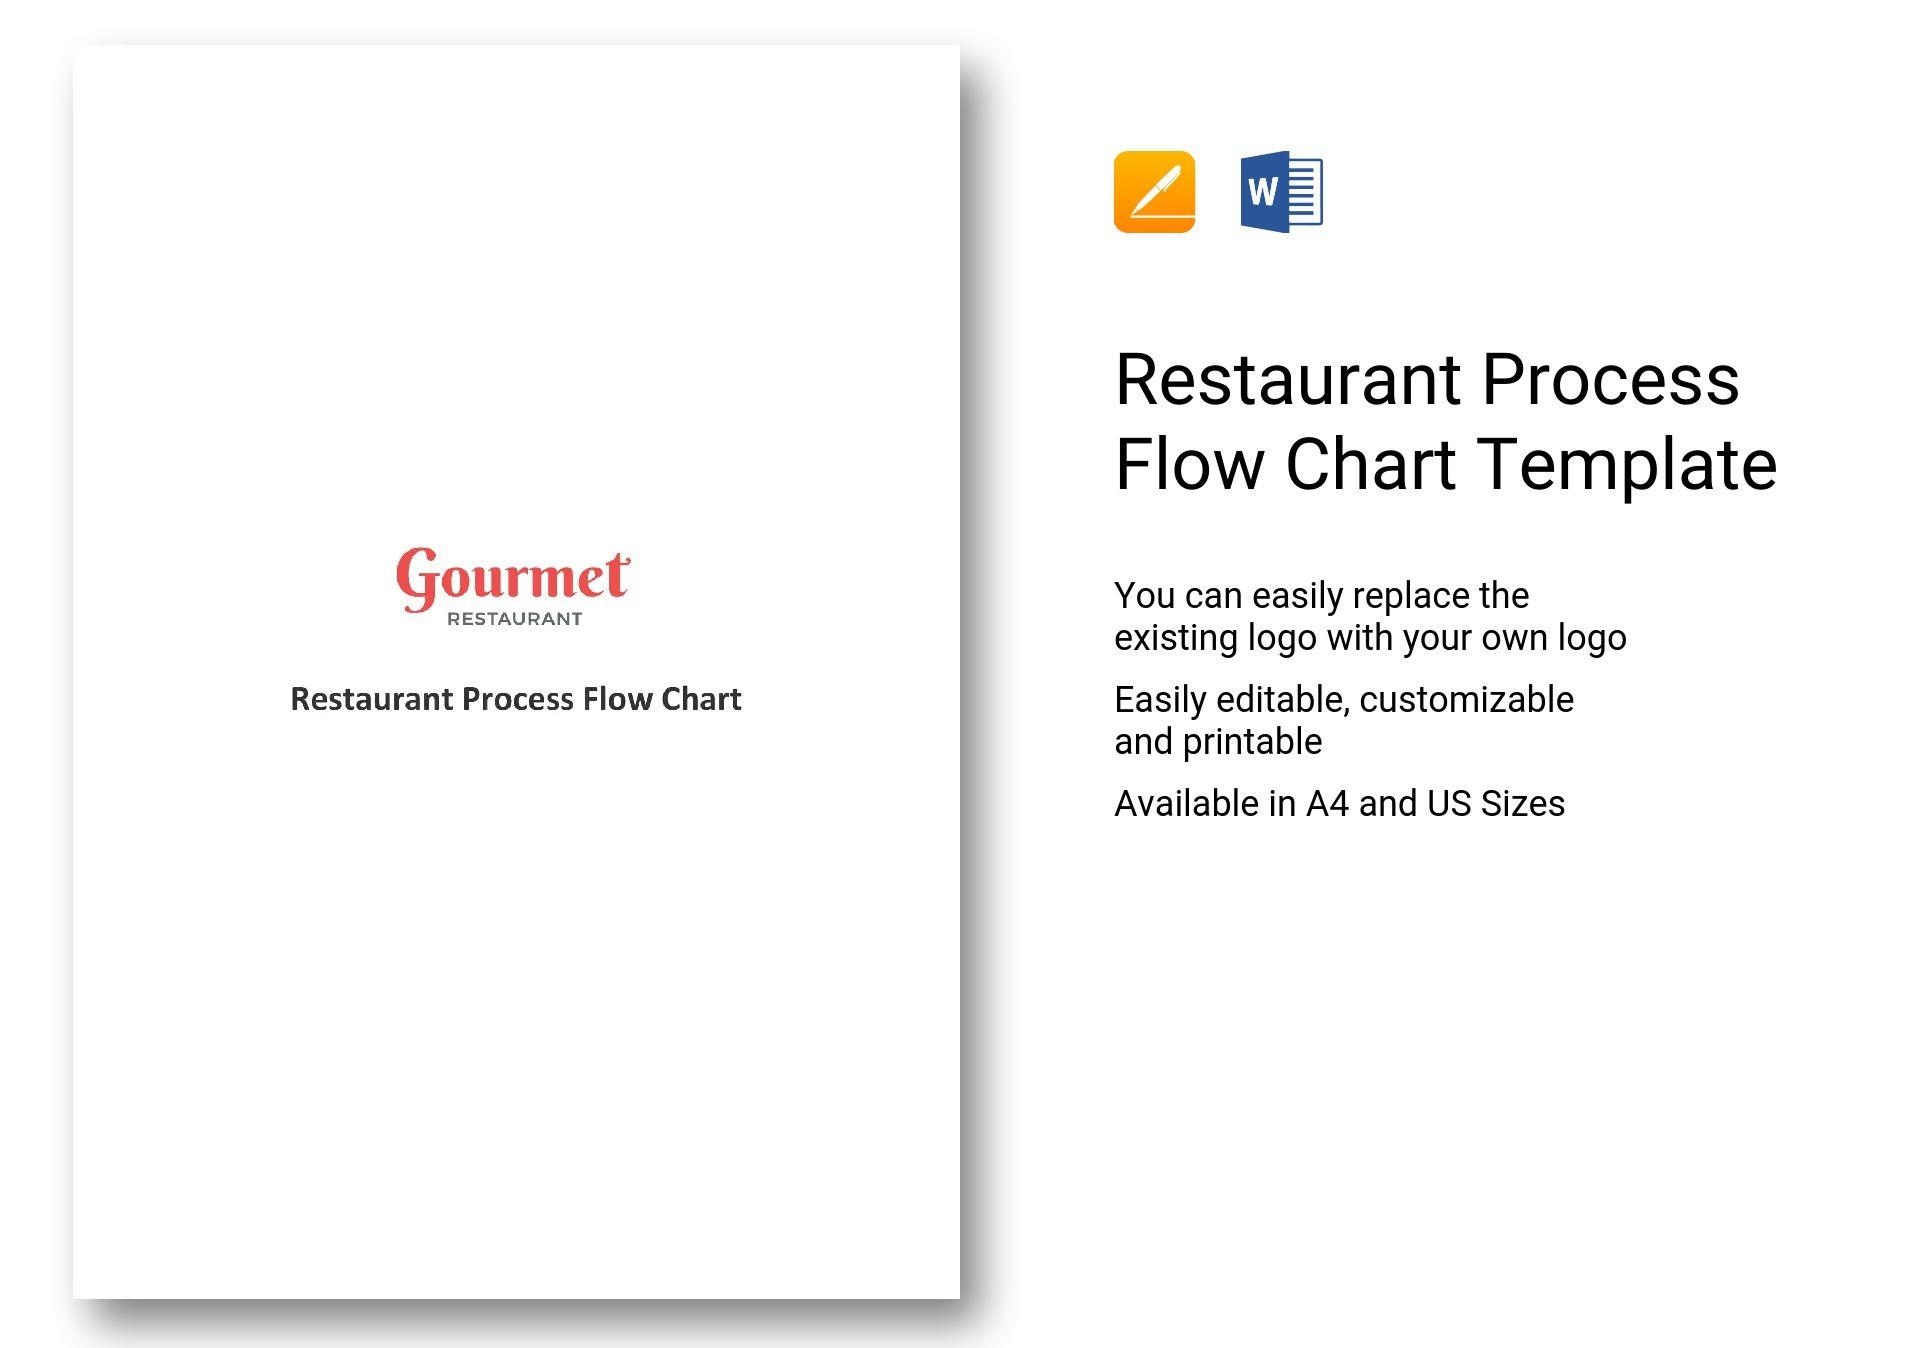 Restaurant Process Flow Chart